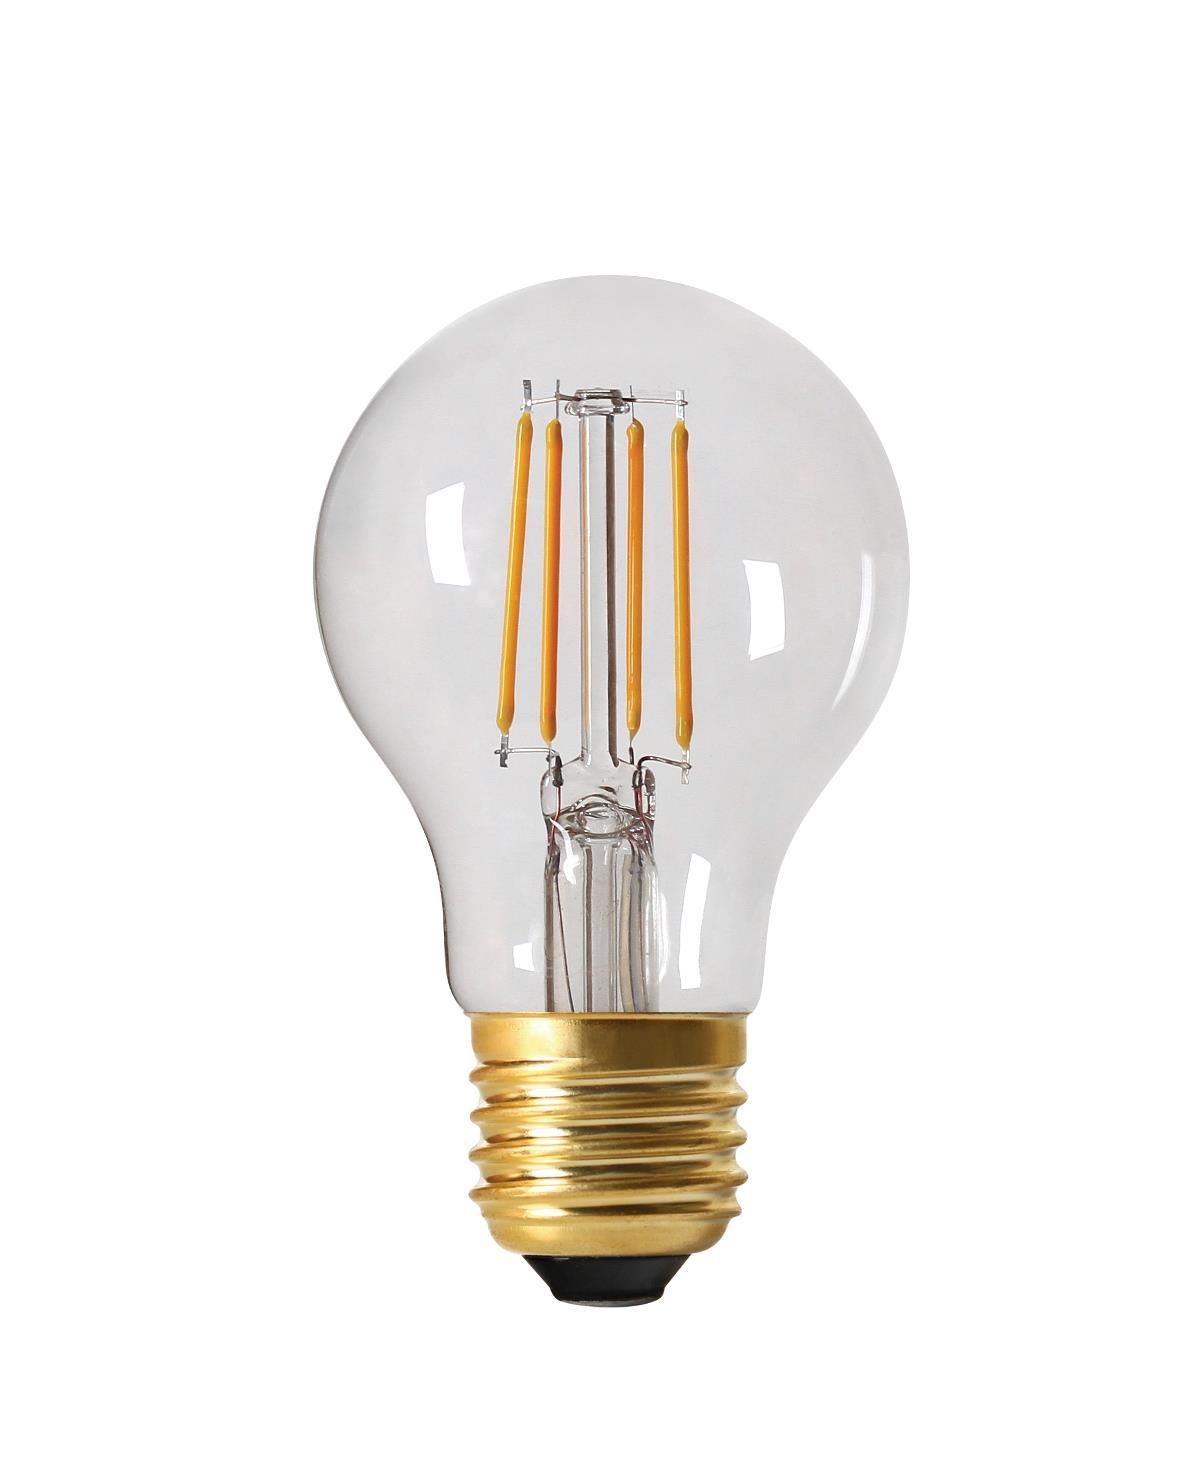 danlamp E27 - 4w led eksteriør fra luxlight.dk